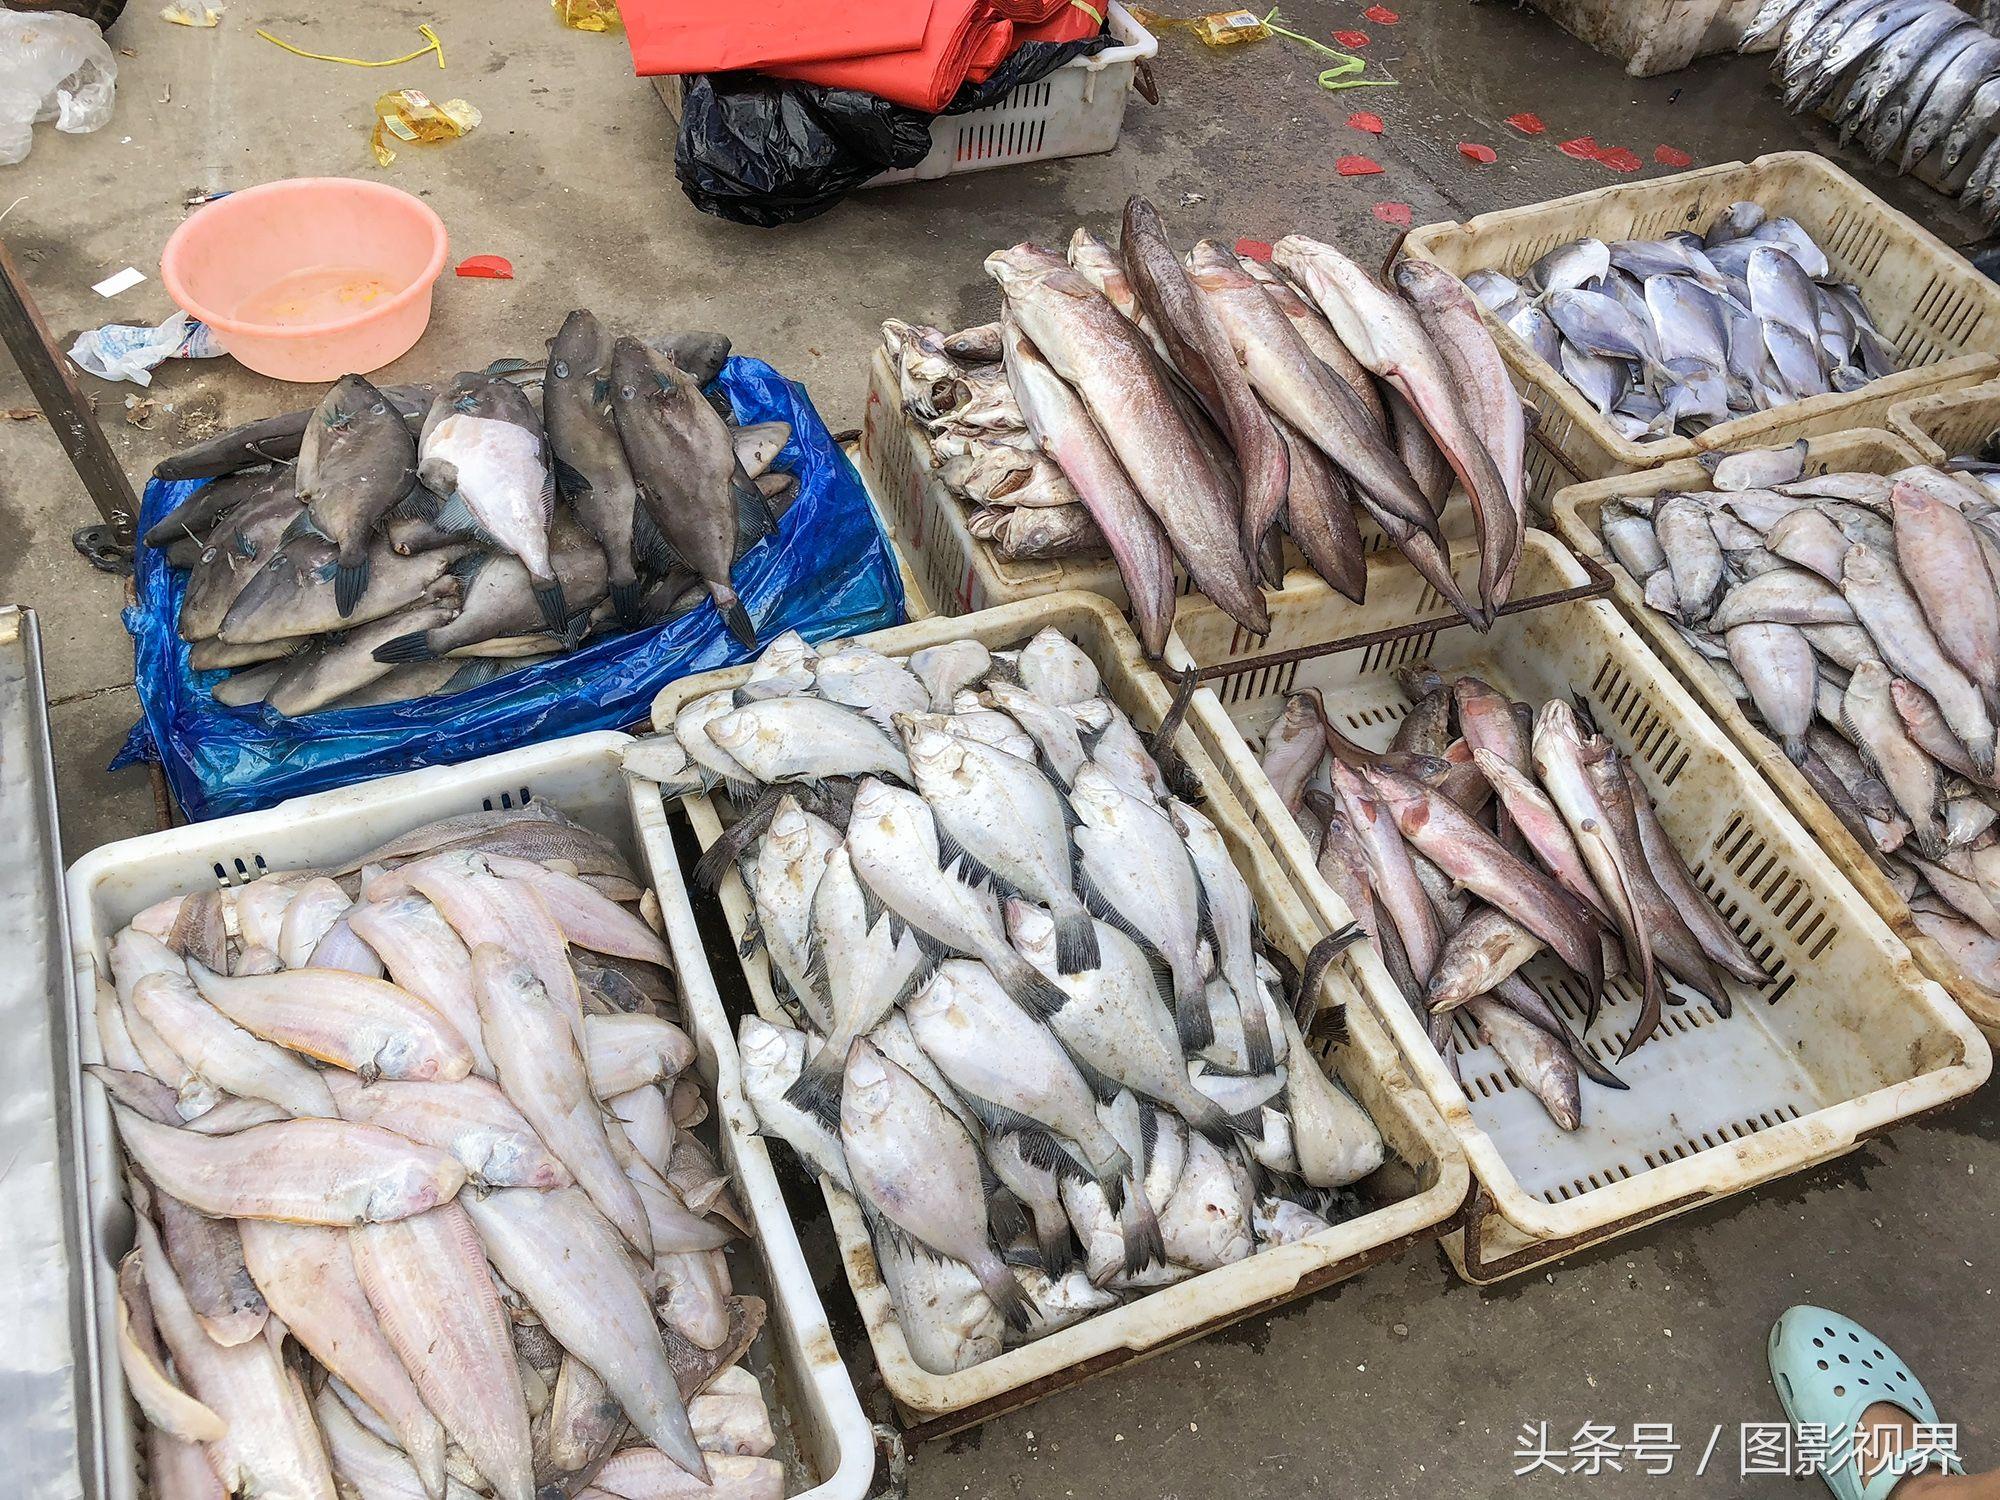 期货源海鲜家常也营养厉虾一斤25元市场鱼一不断及食谱大全做法老板图片